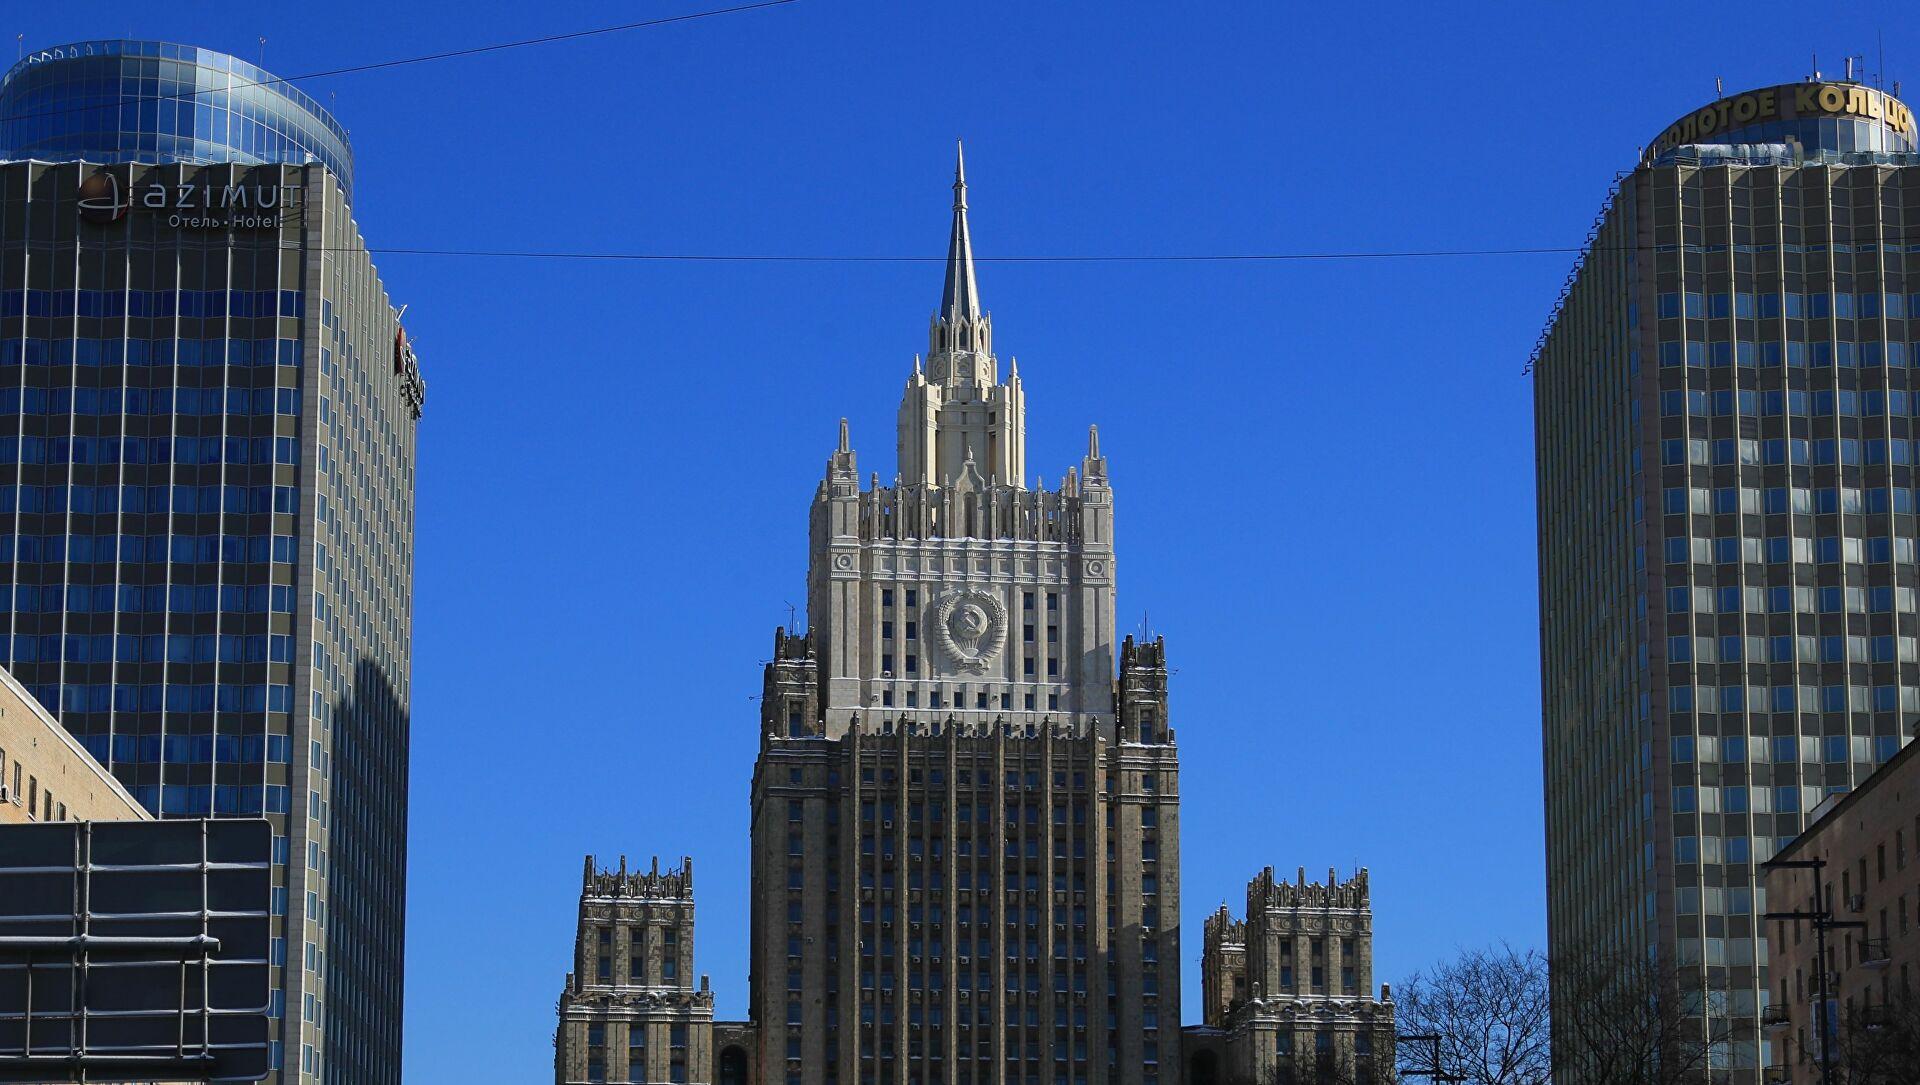 Czech Ambassador arrives at Russian Foreign Ministry